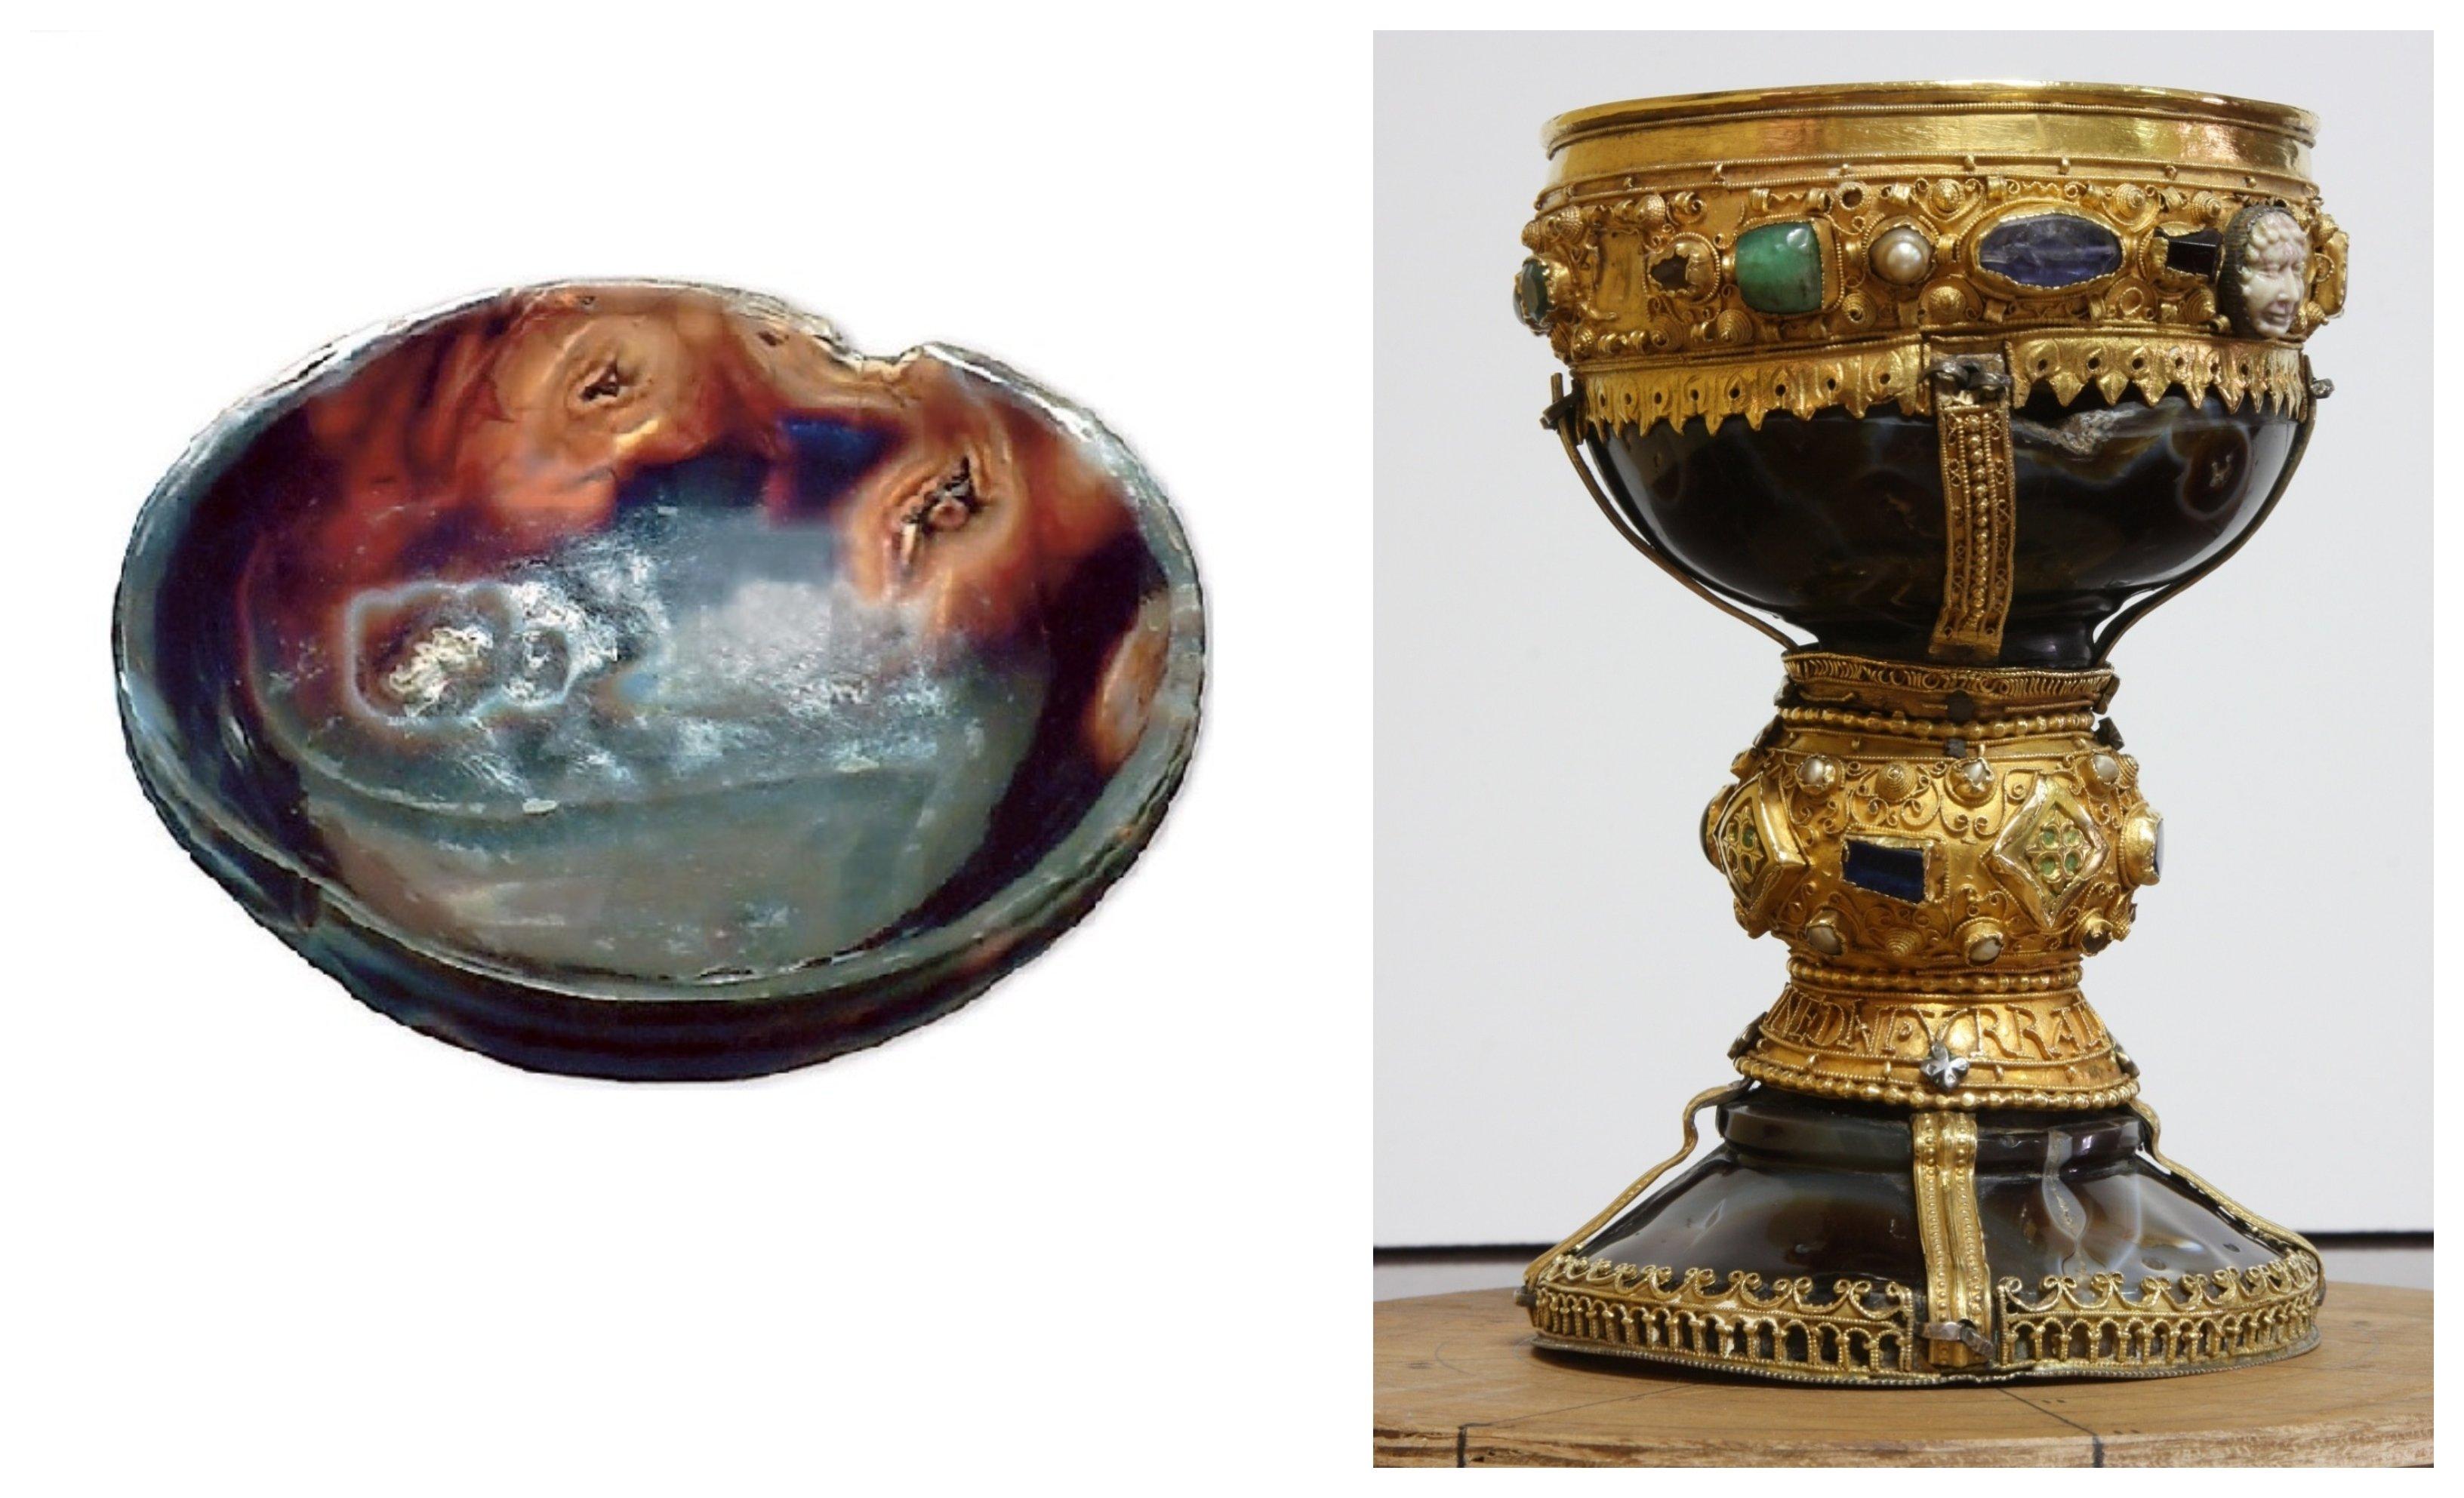 Vista superior del cáliz sin los elementos medievales y la copa de ónice